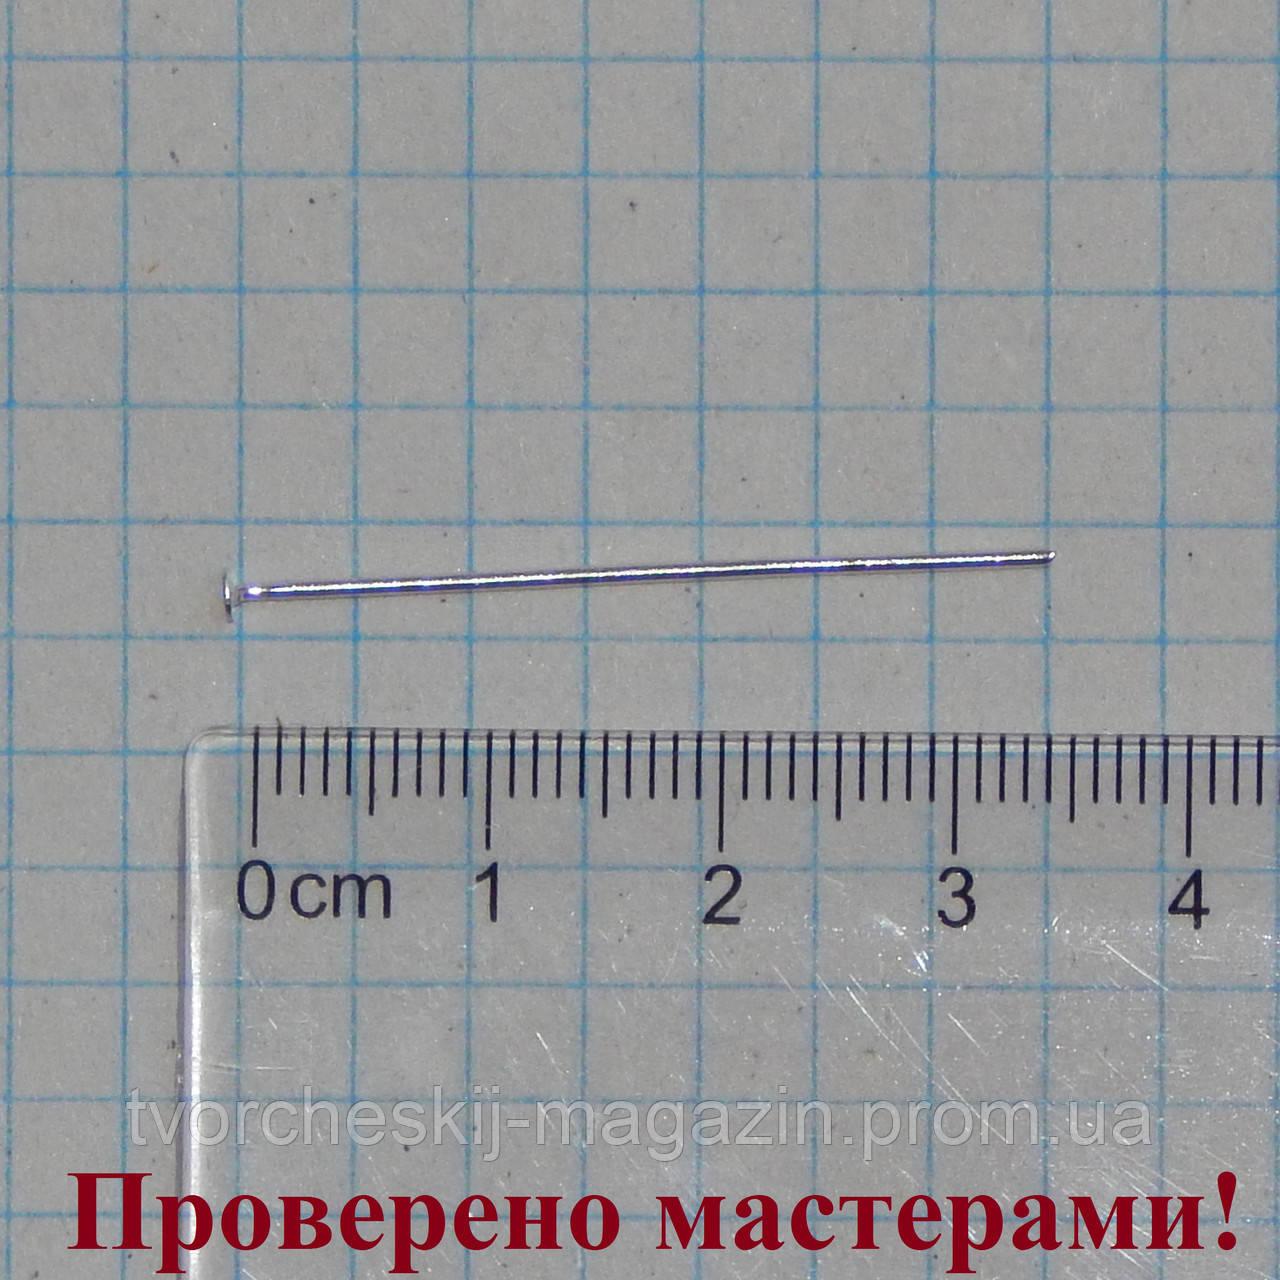 Бижутерный гвоздик (штифт, пин), 3 см, серебристый,1 шт.